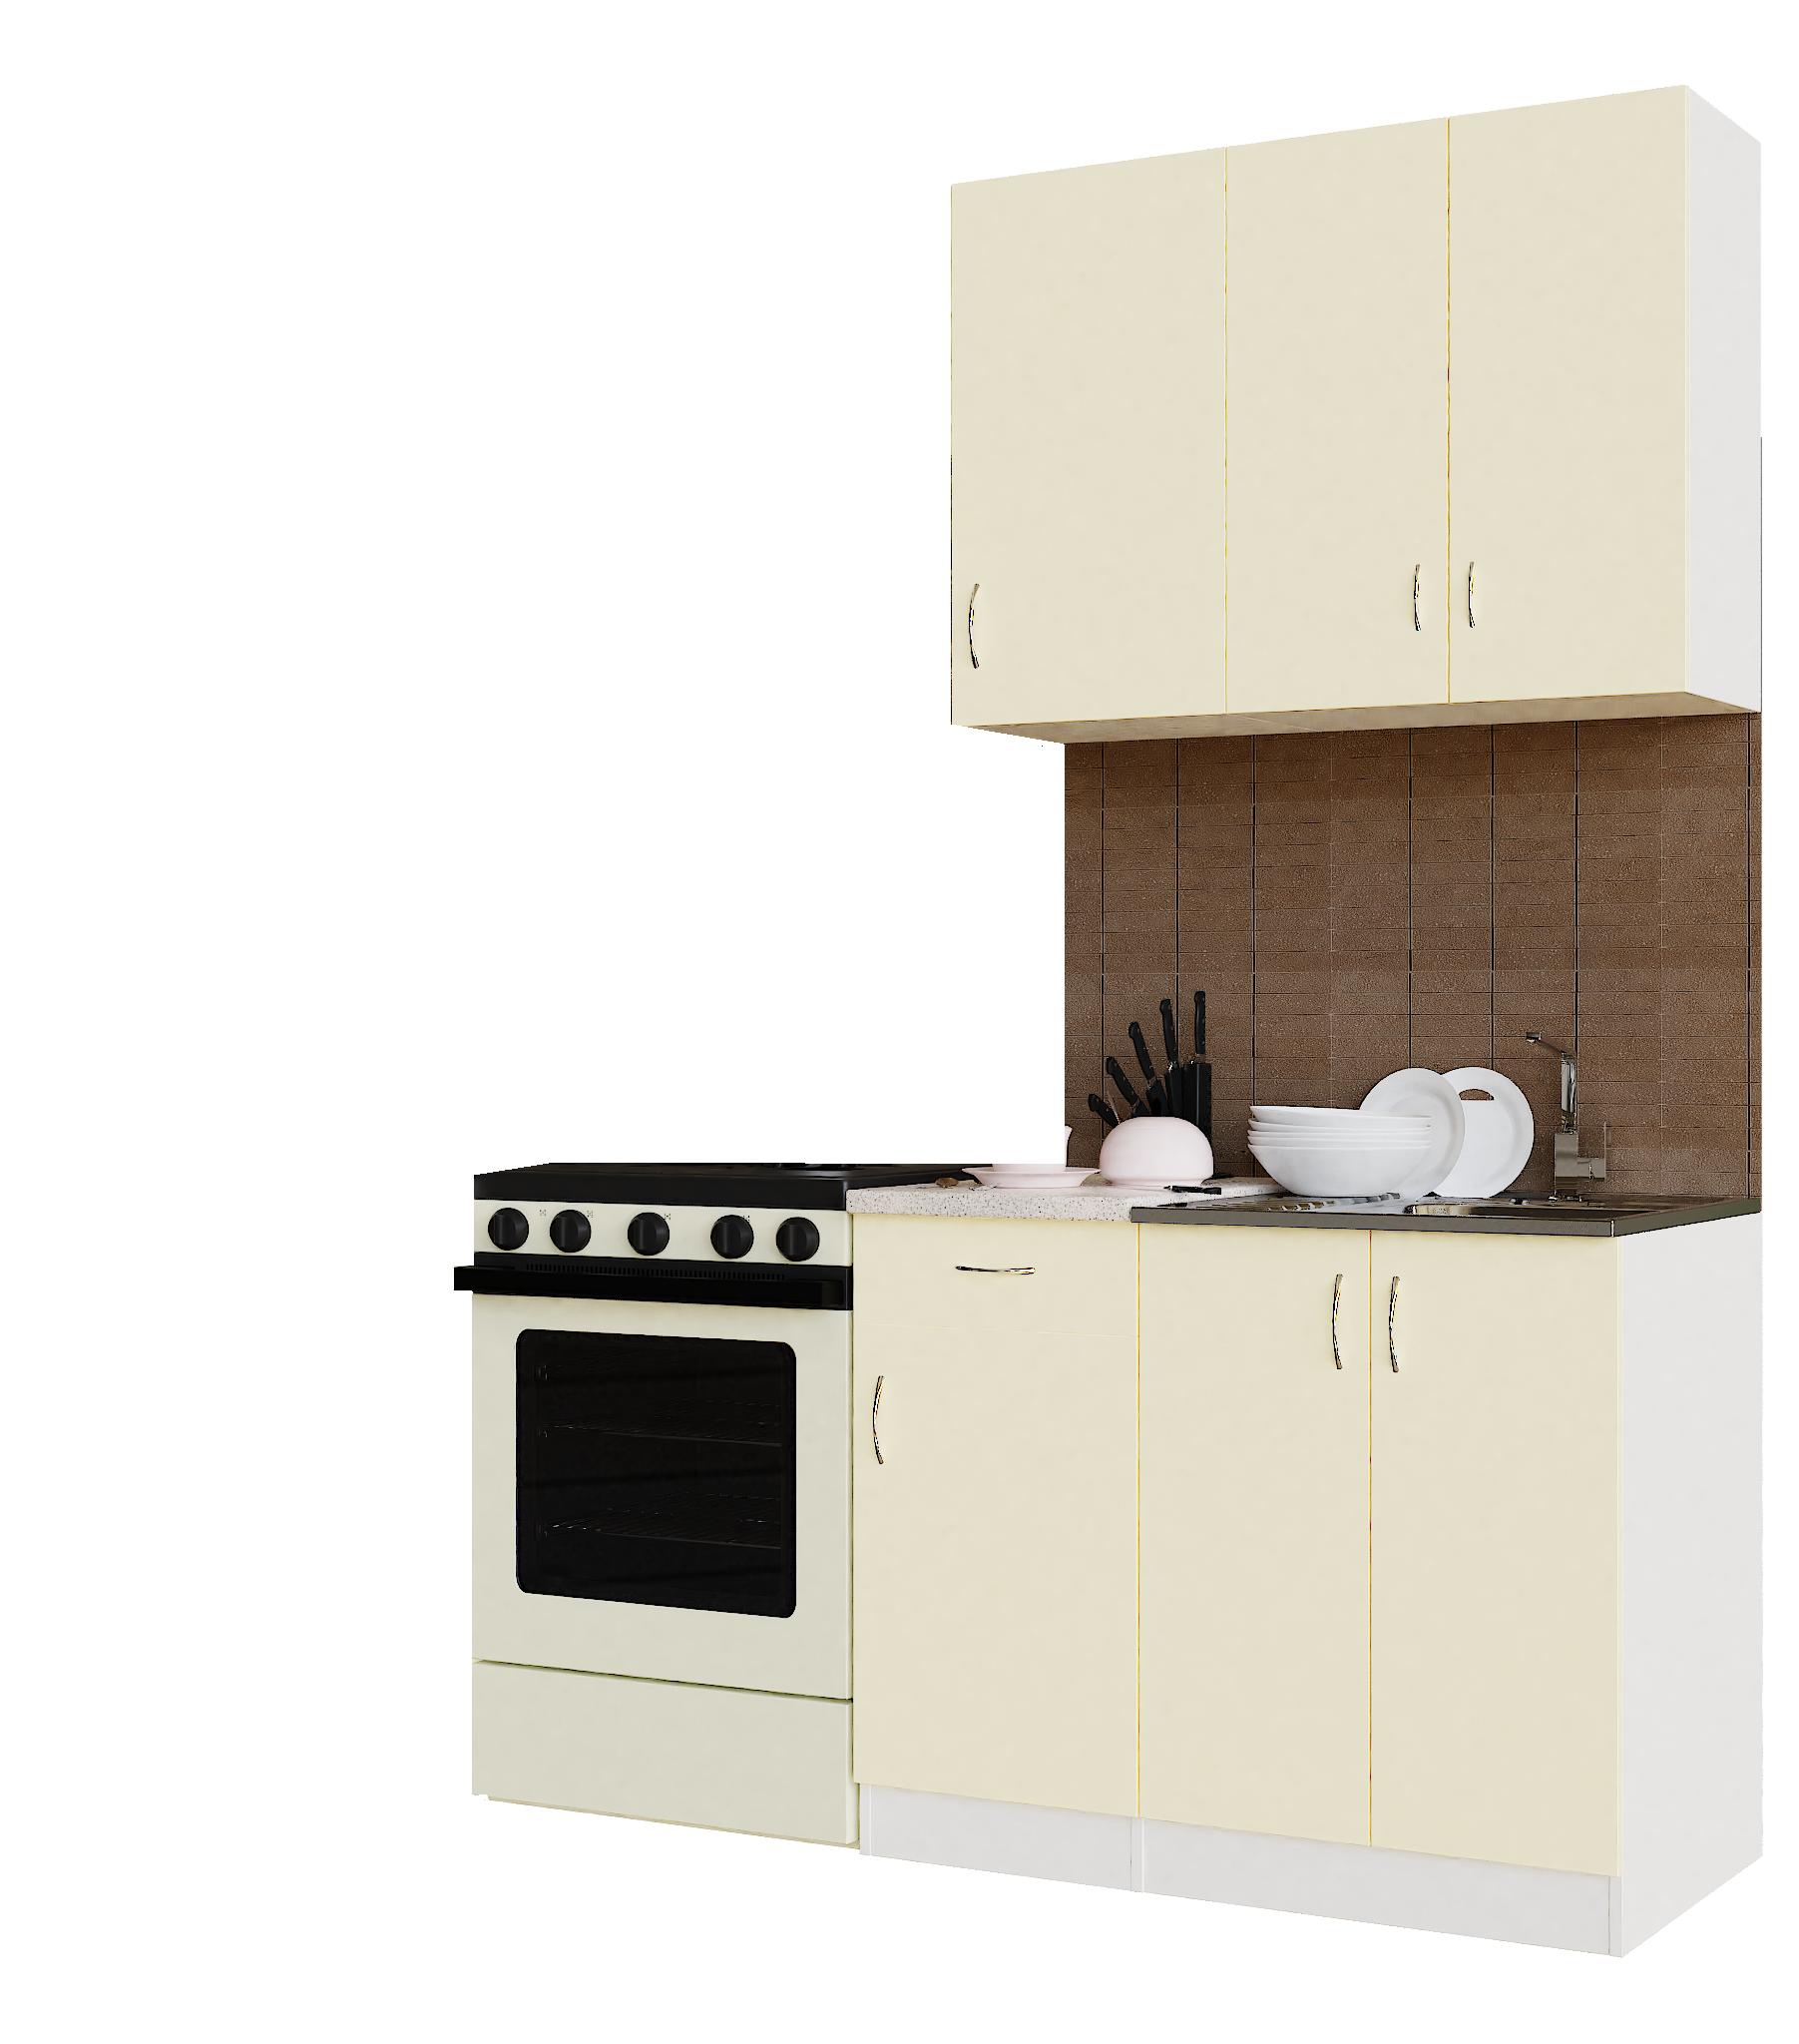 Кухонный гарнитур Sanvut ГК1000-5.6.2 Белый / Крем (гренобль)